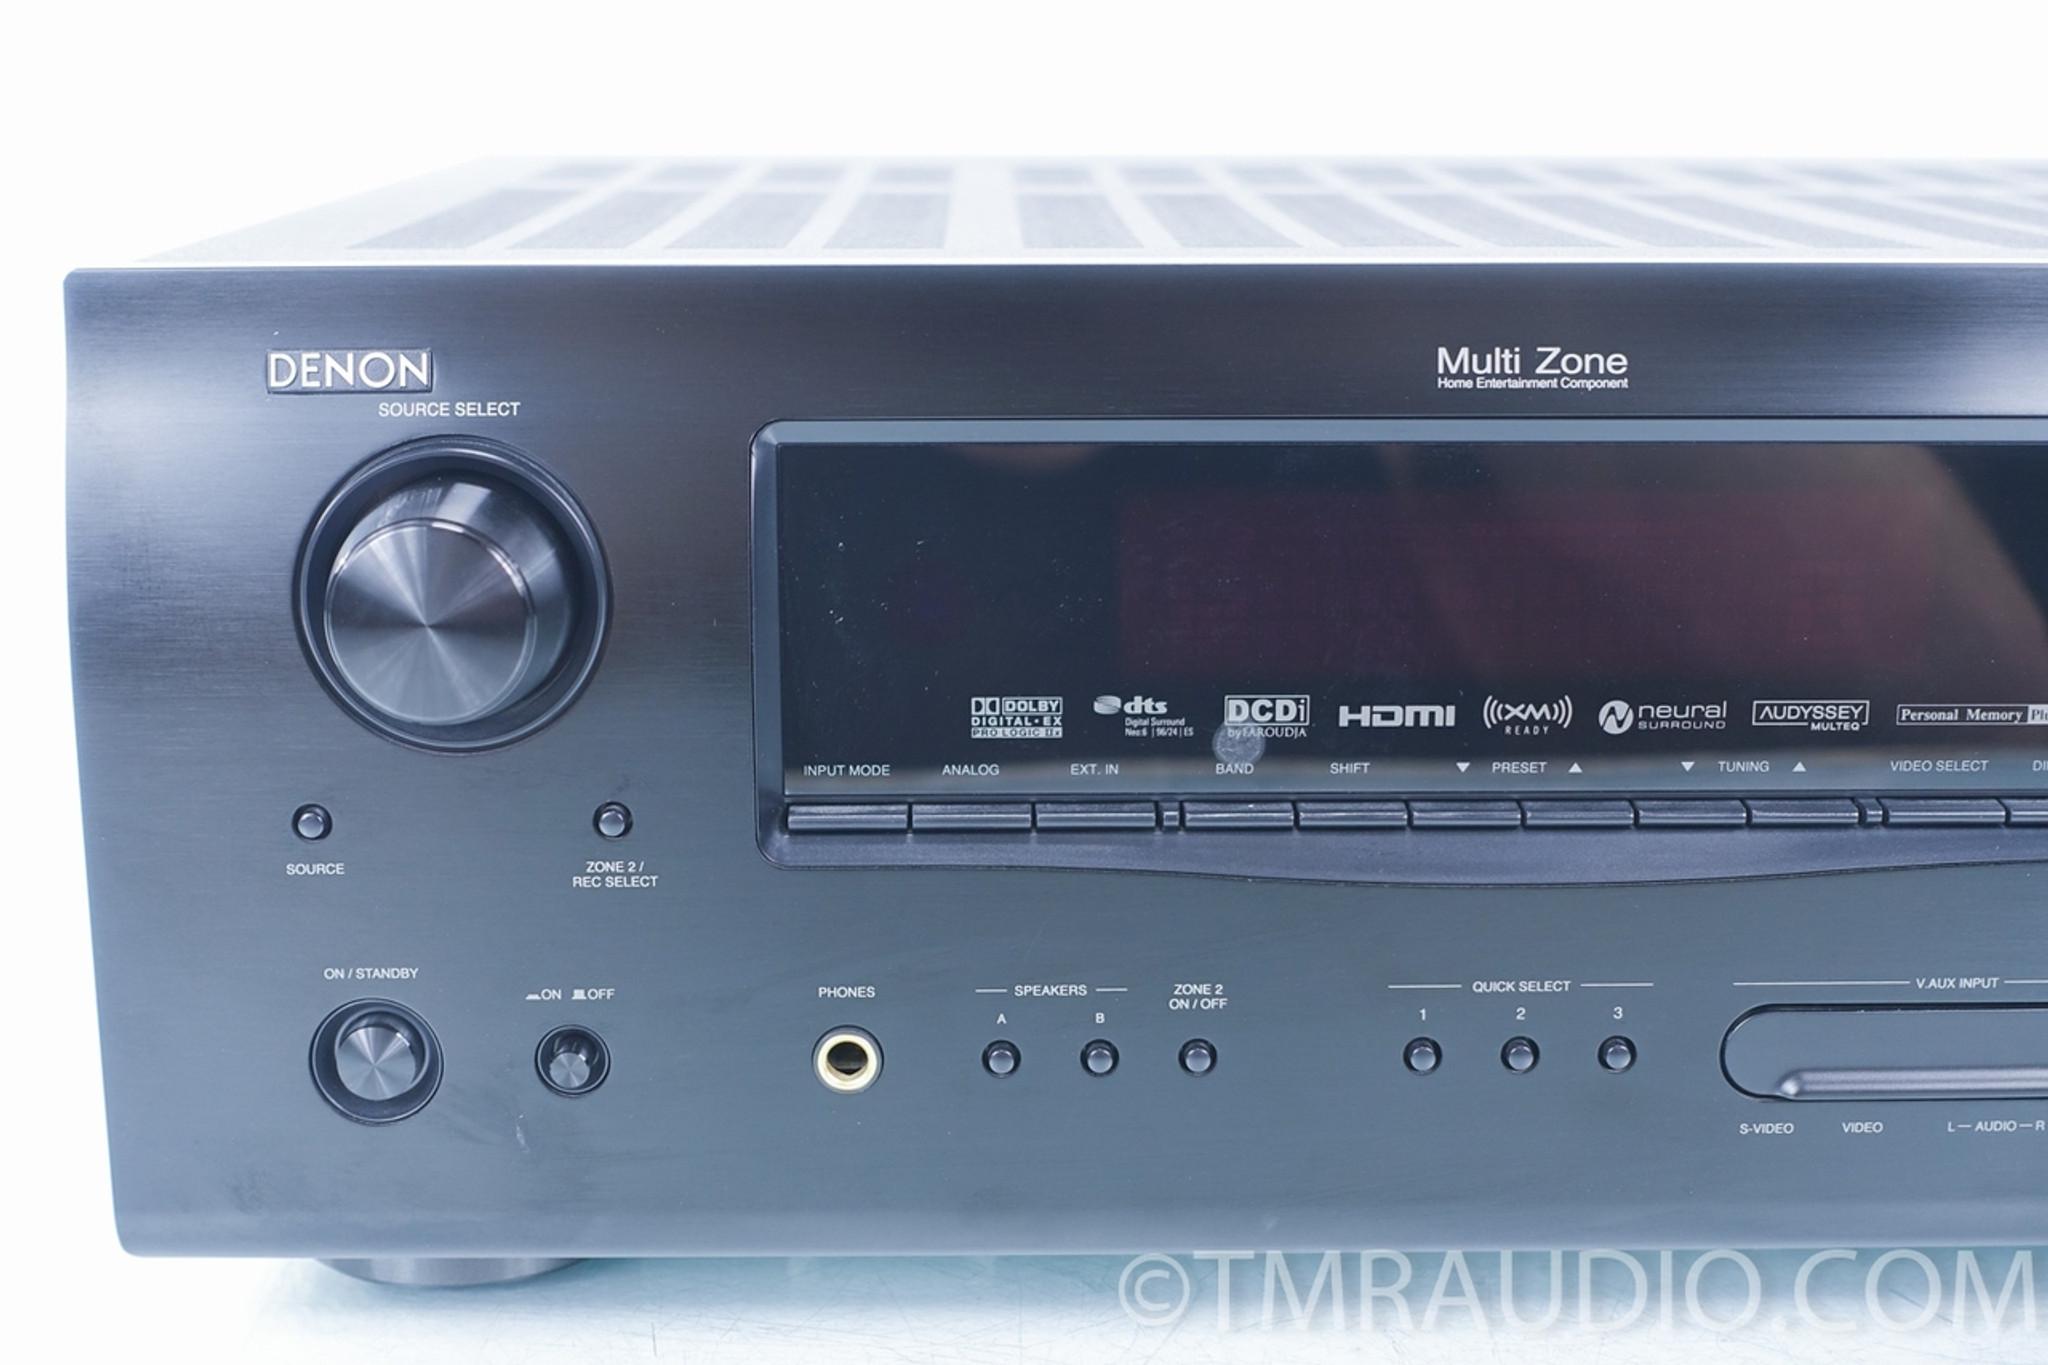 Denon AVR 2308CI 7 1 Channel 700 Watt Receiver HDMI, 2 Zones